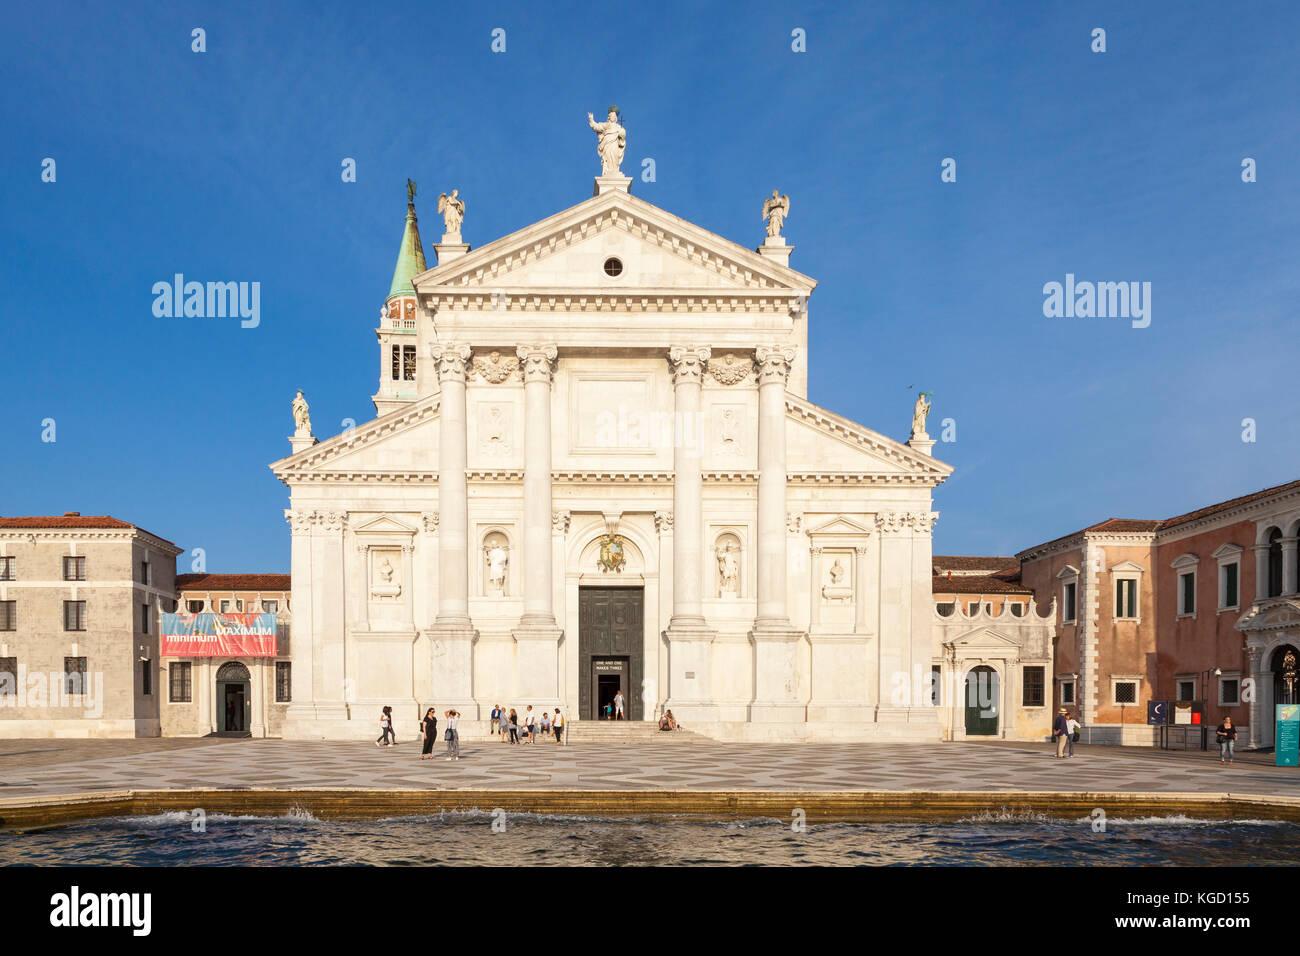 Front facade of  San Giorgio Maggiore church designed by Palladio on Isola San Giorgio Maggiore, Venice, Italy at sunset. Tourists in the forecourt Stock Photo